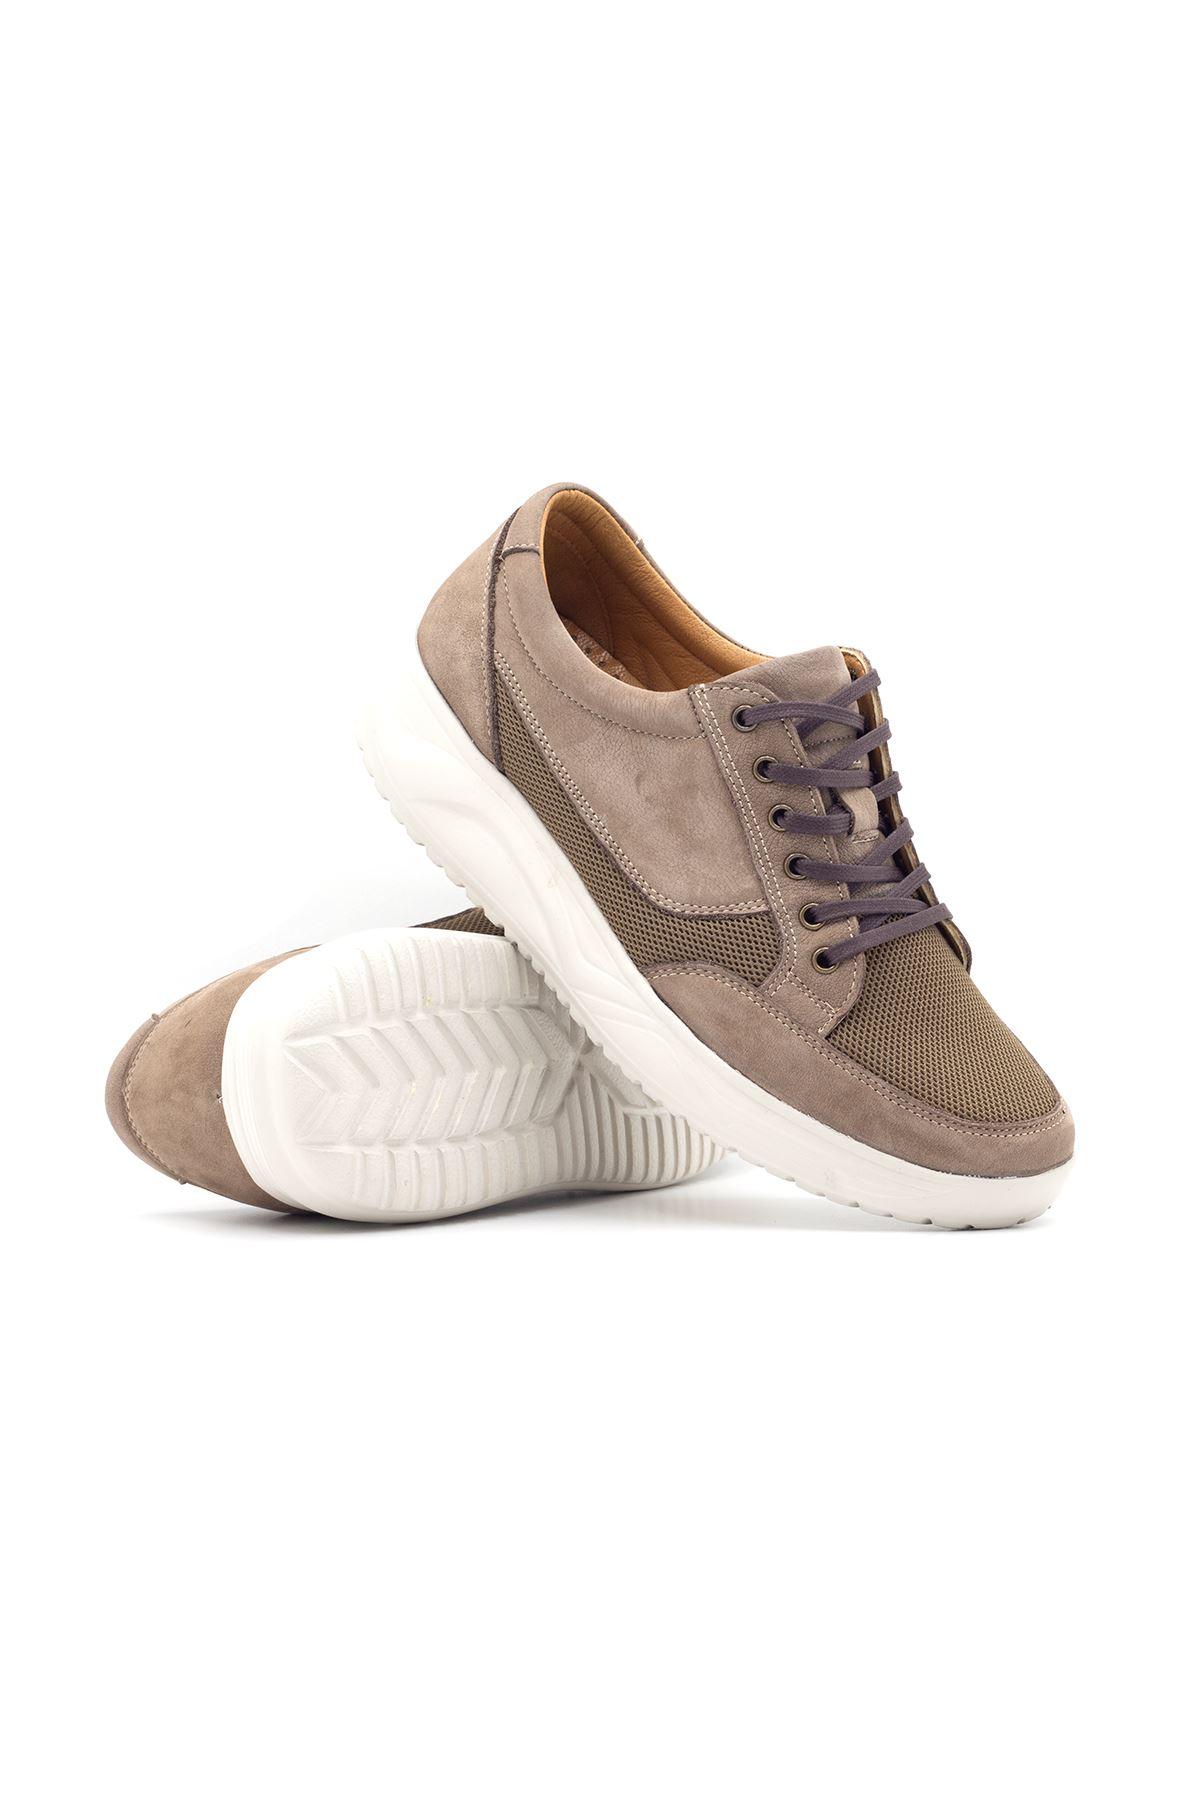 1656 Nubuk Kum Erkek Yürüyüş Ayakkabısı